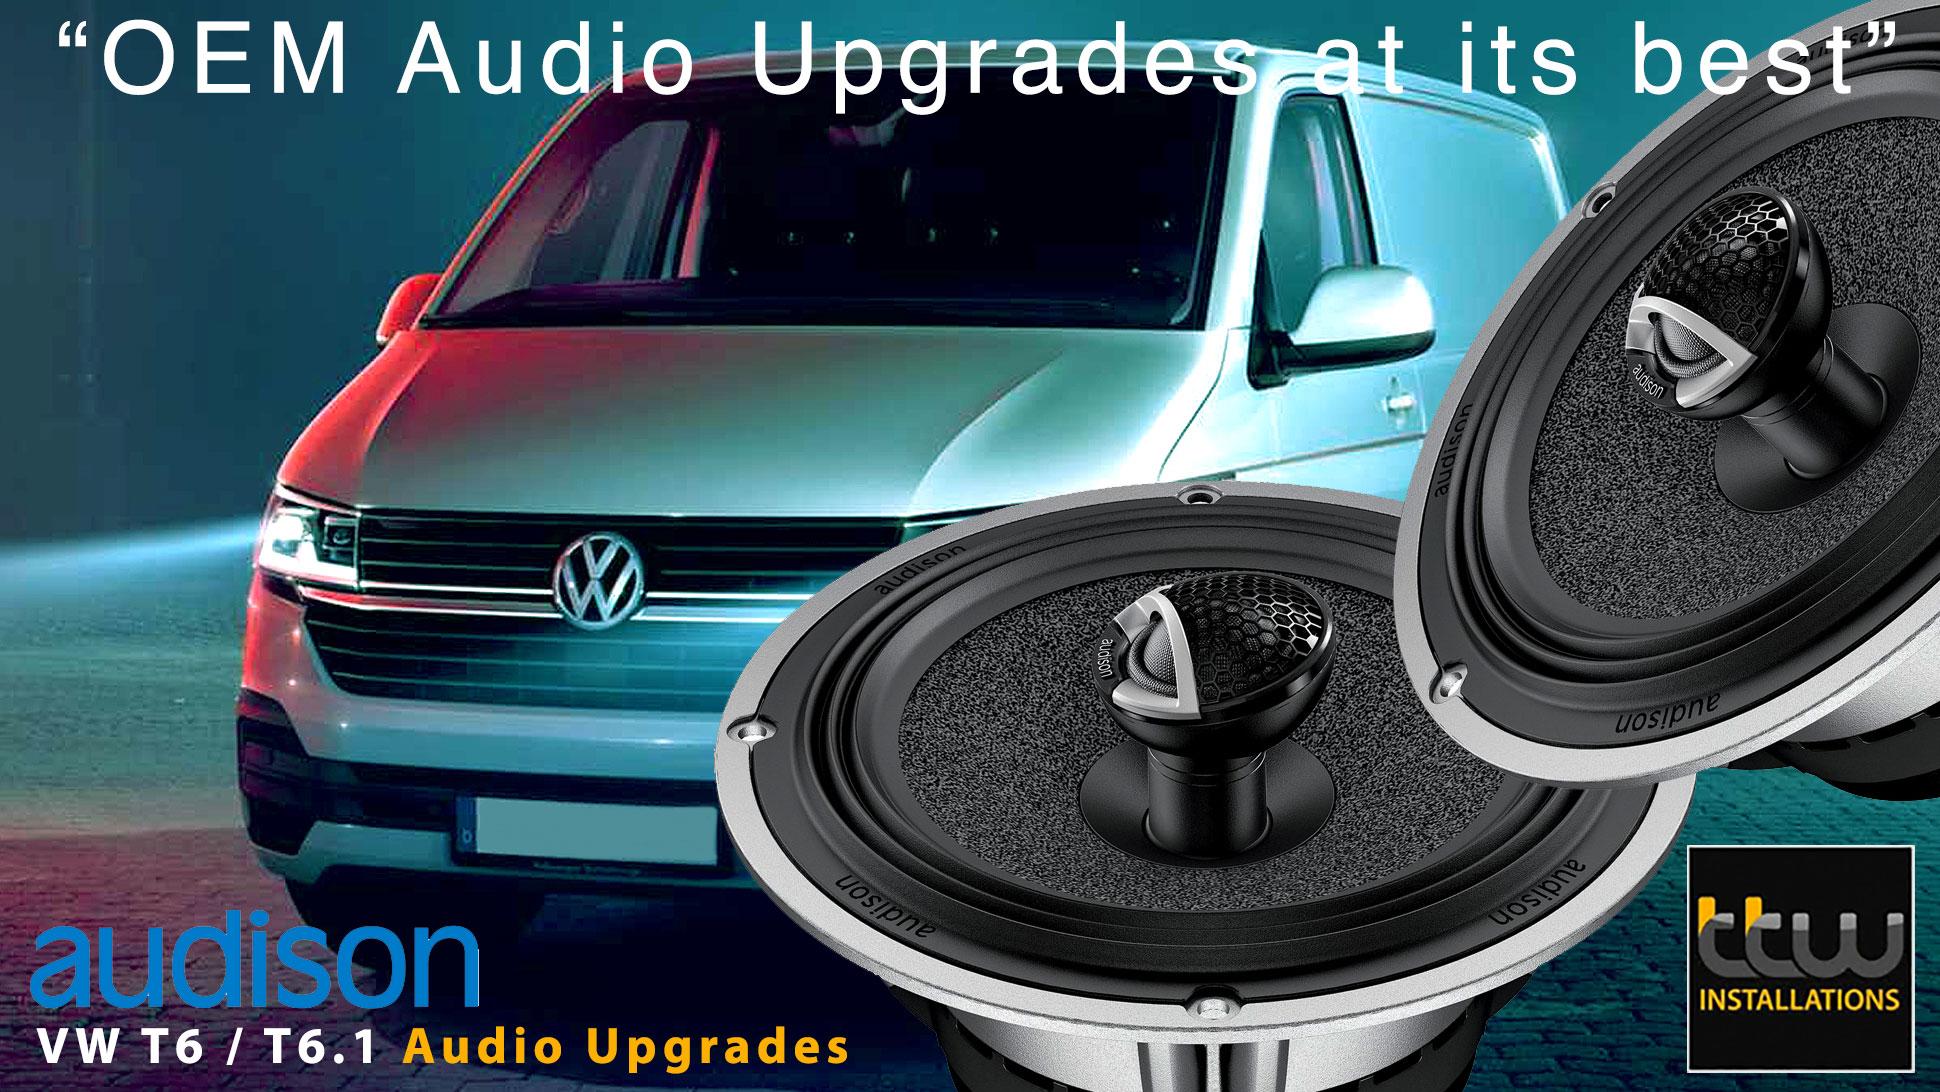 VW T6 Transporter Audio Specialists - Audison - TTW - Nottingham - UK